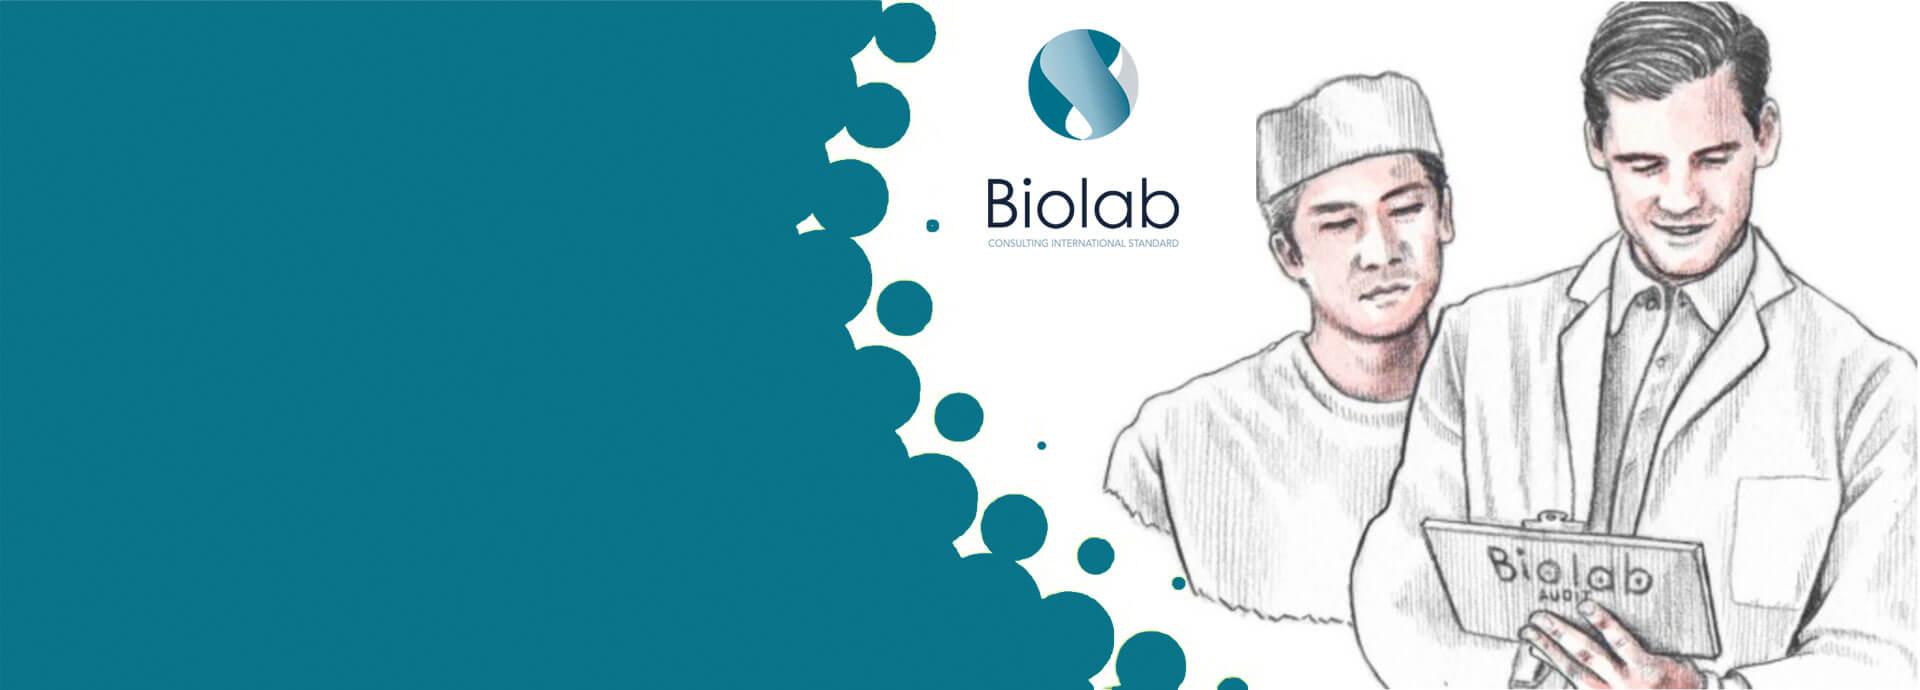 slider-biolab-consulting